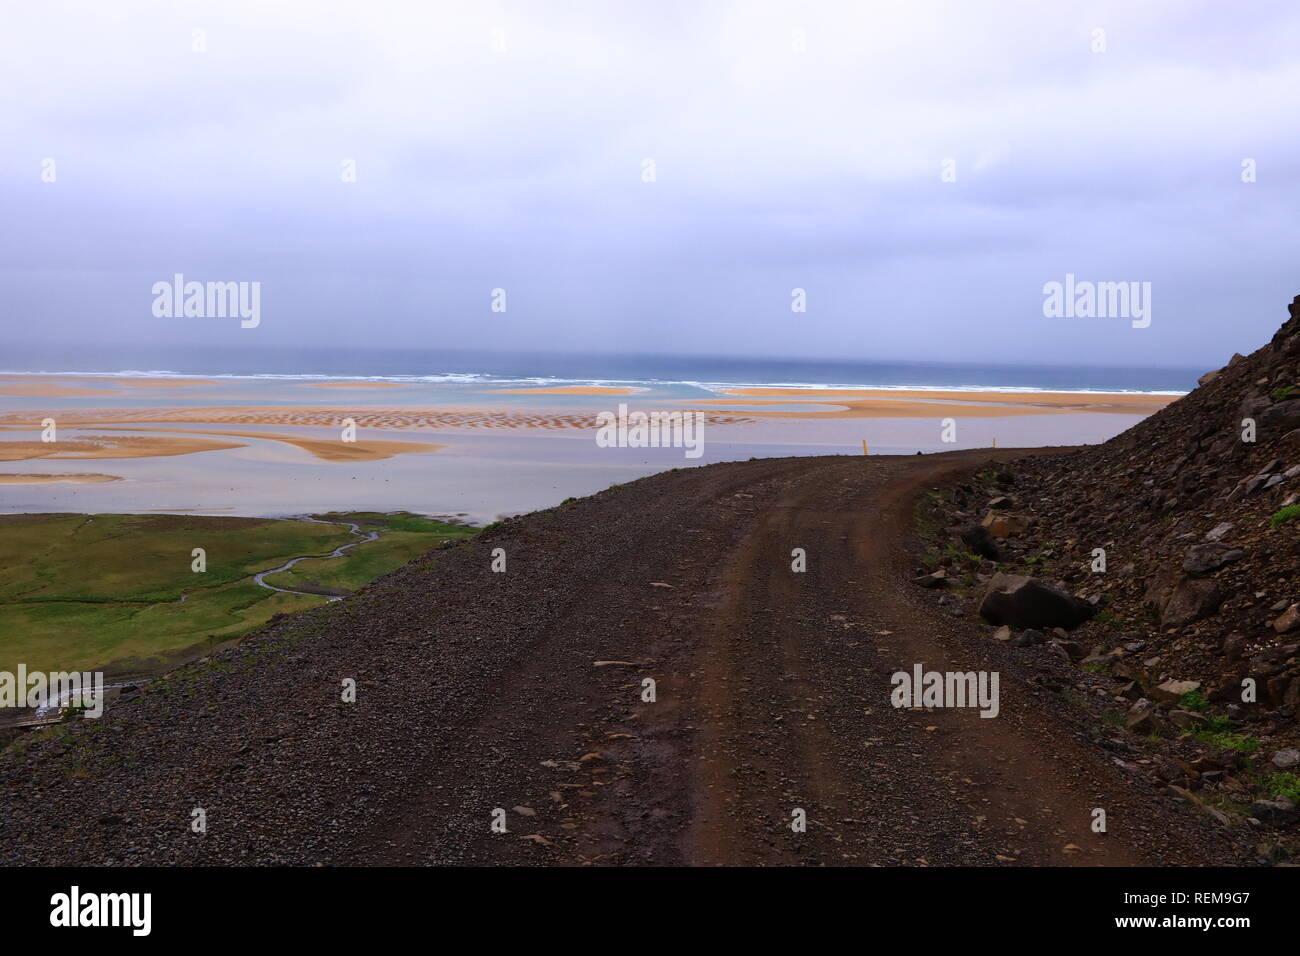 Steinige Straße zum Meer, Island - Stock Image